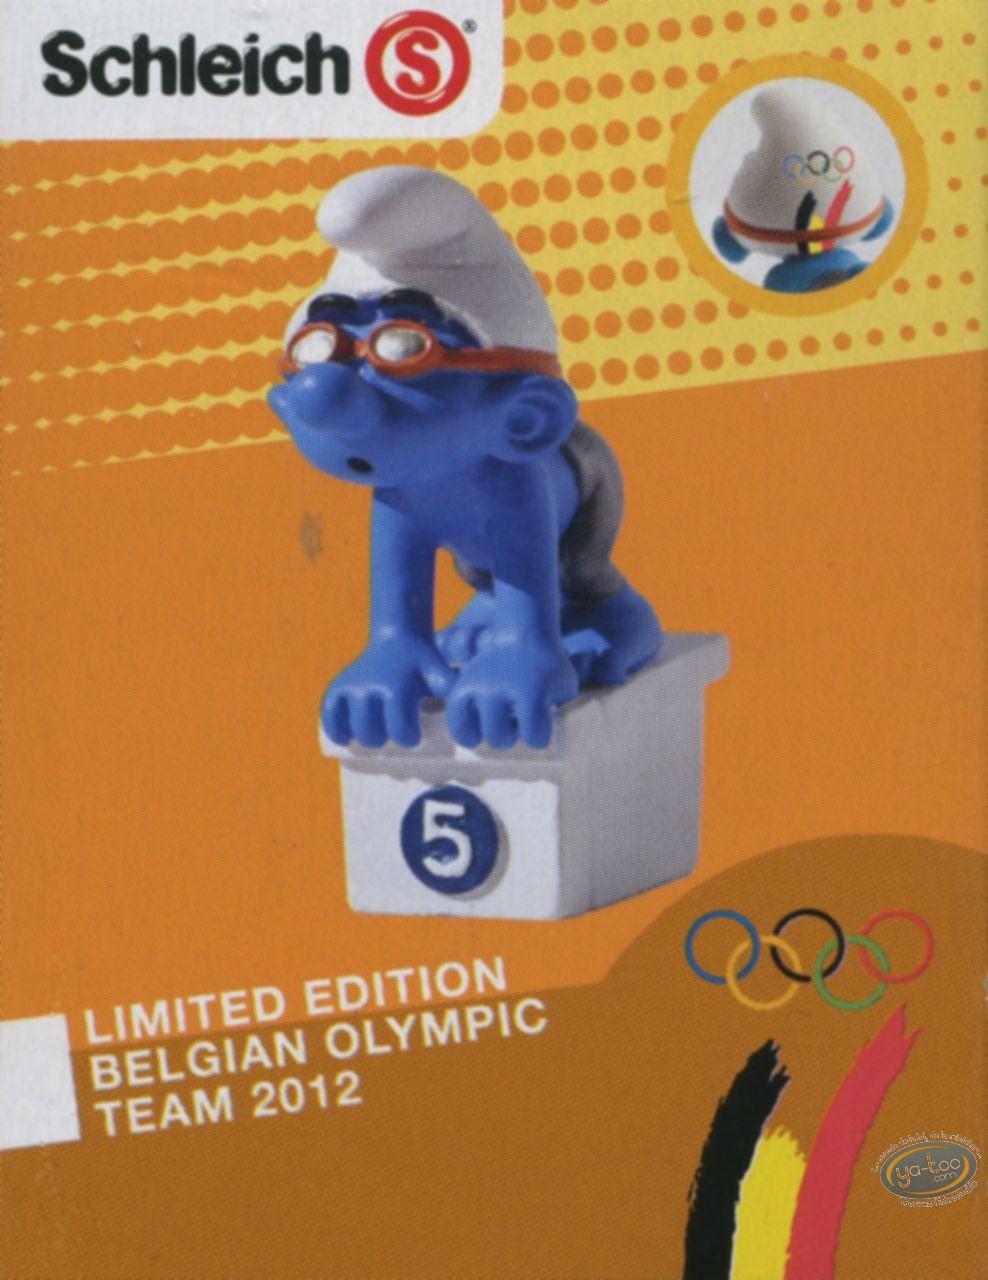 Figurine plastique, Schtroumpfs (Les) : Schtroumpf nageur - Edition Belge